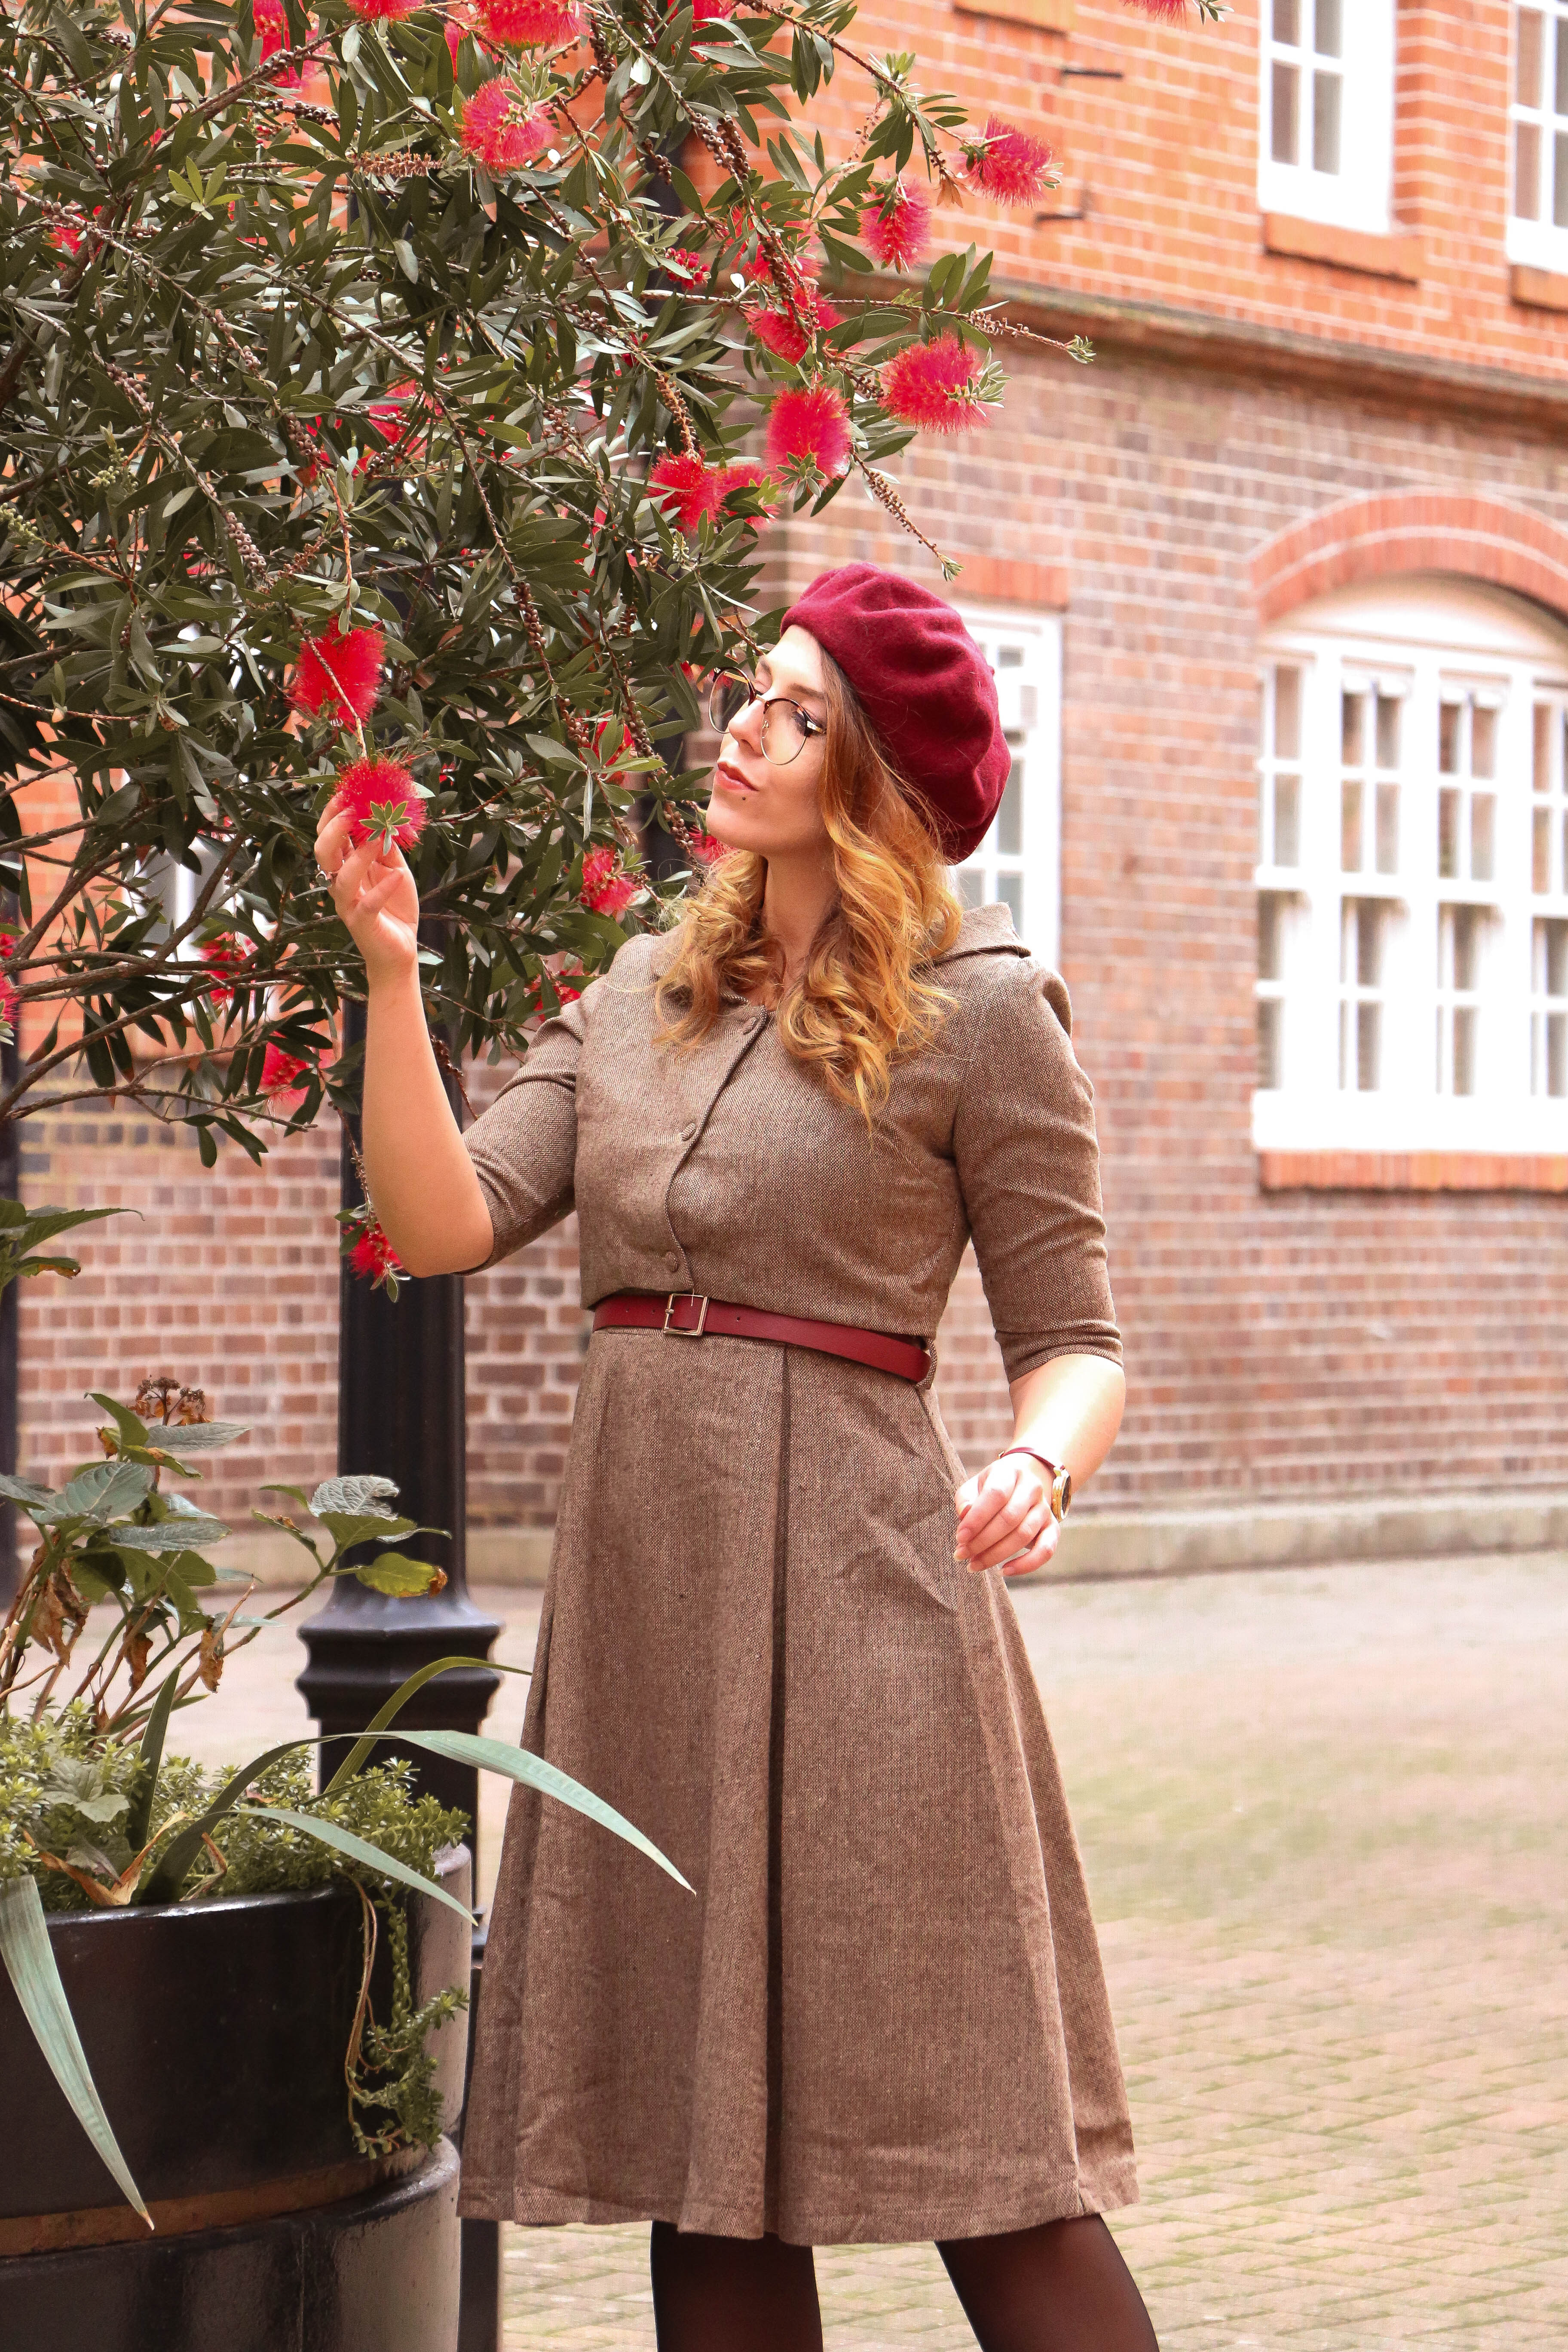 Look londonien vintage Lindy Pop Charlie Sugar Town Londres Pin up blog rétro vintage paris